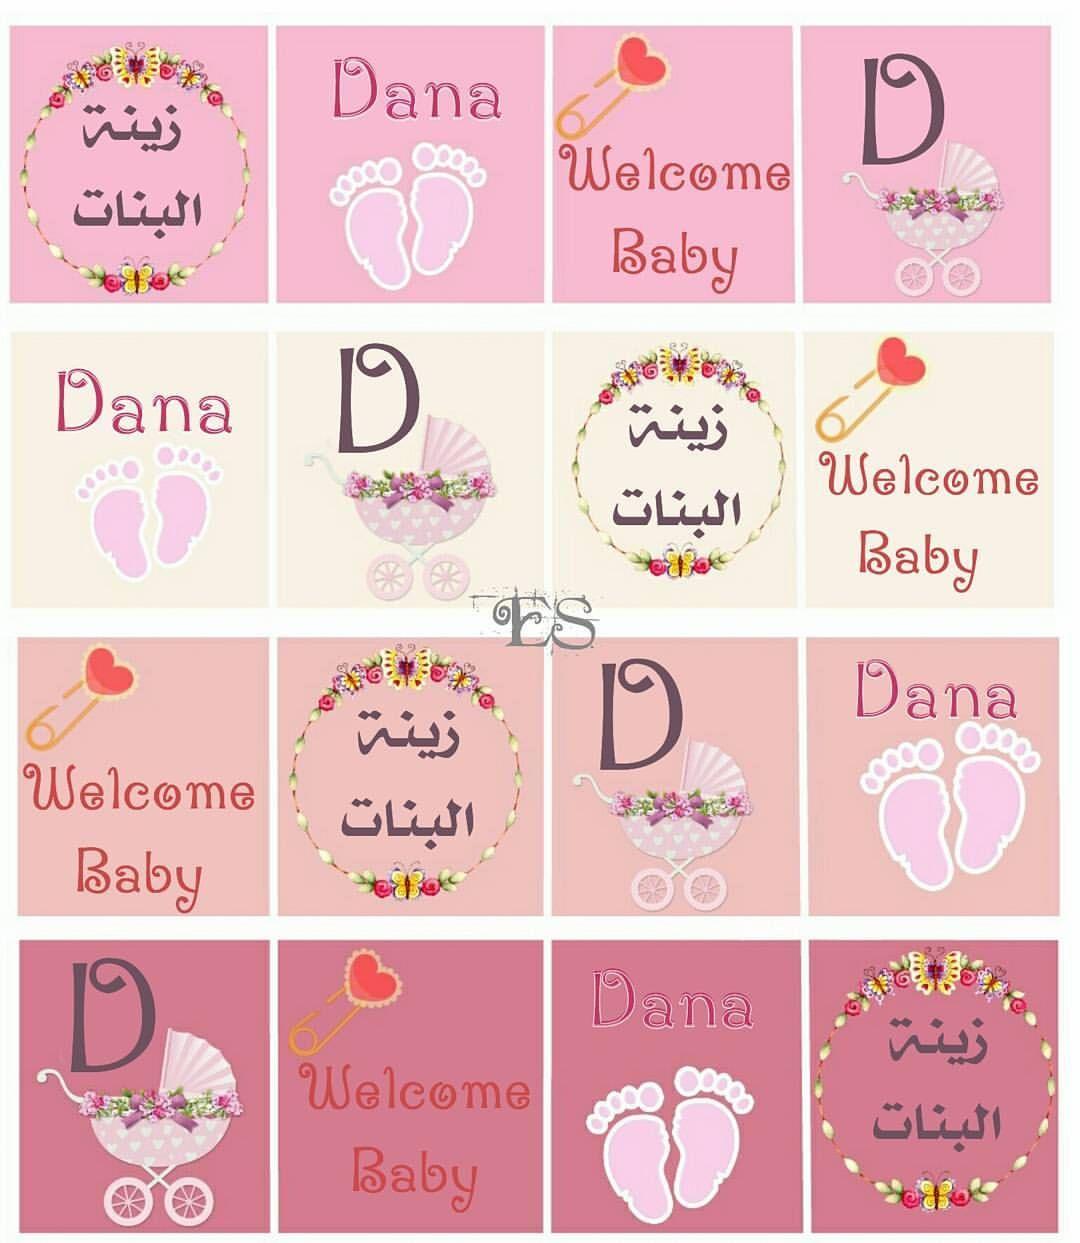 ثيم الشوكلاته بنات ثيم مواليد ثيمات التوزيعات بيبي نونو مولود مواليد Baby Girl Clipart Baby Shower Princess New Baby Products